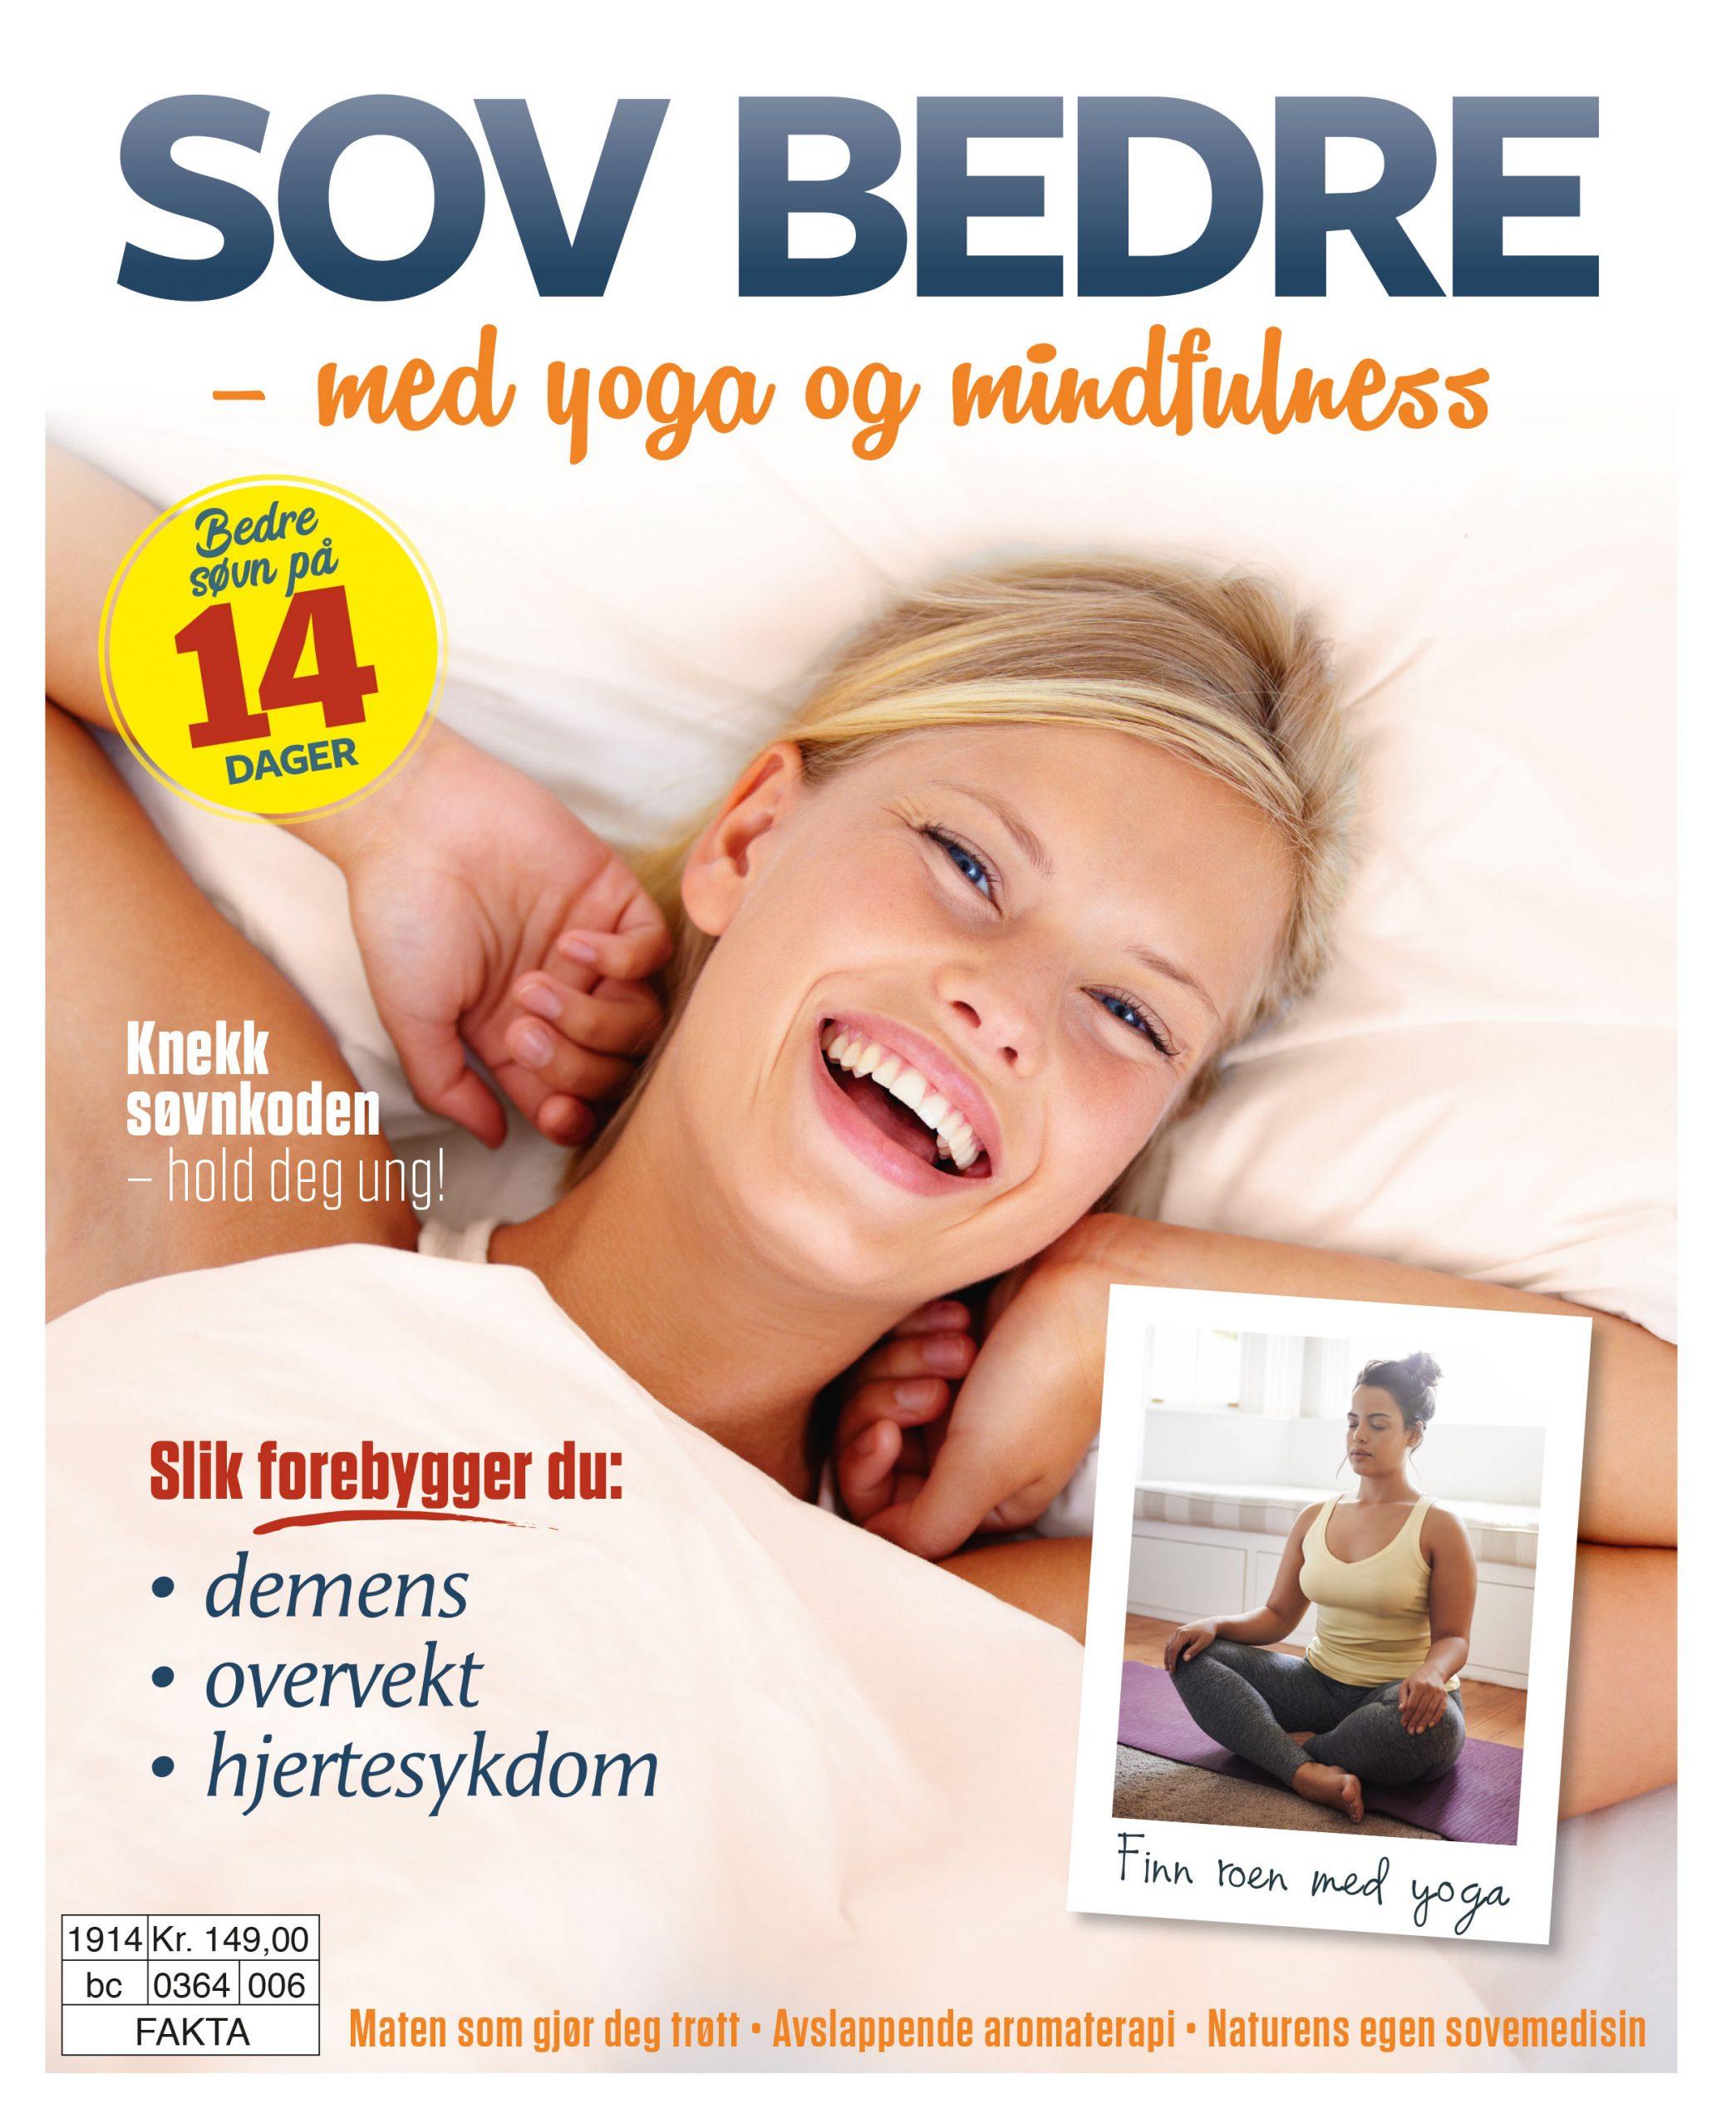 Sov bedre med yoga og mindfulness